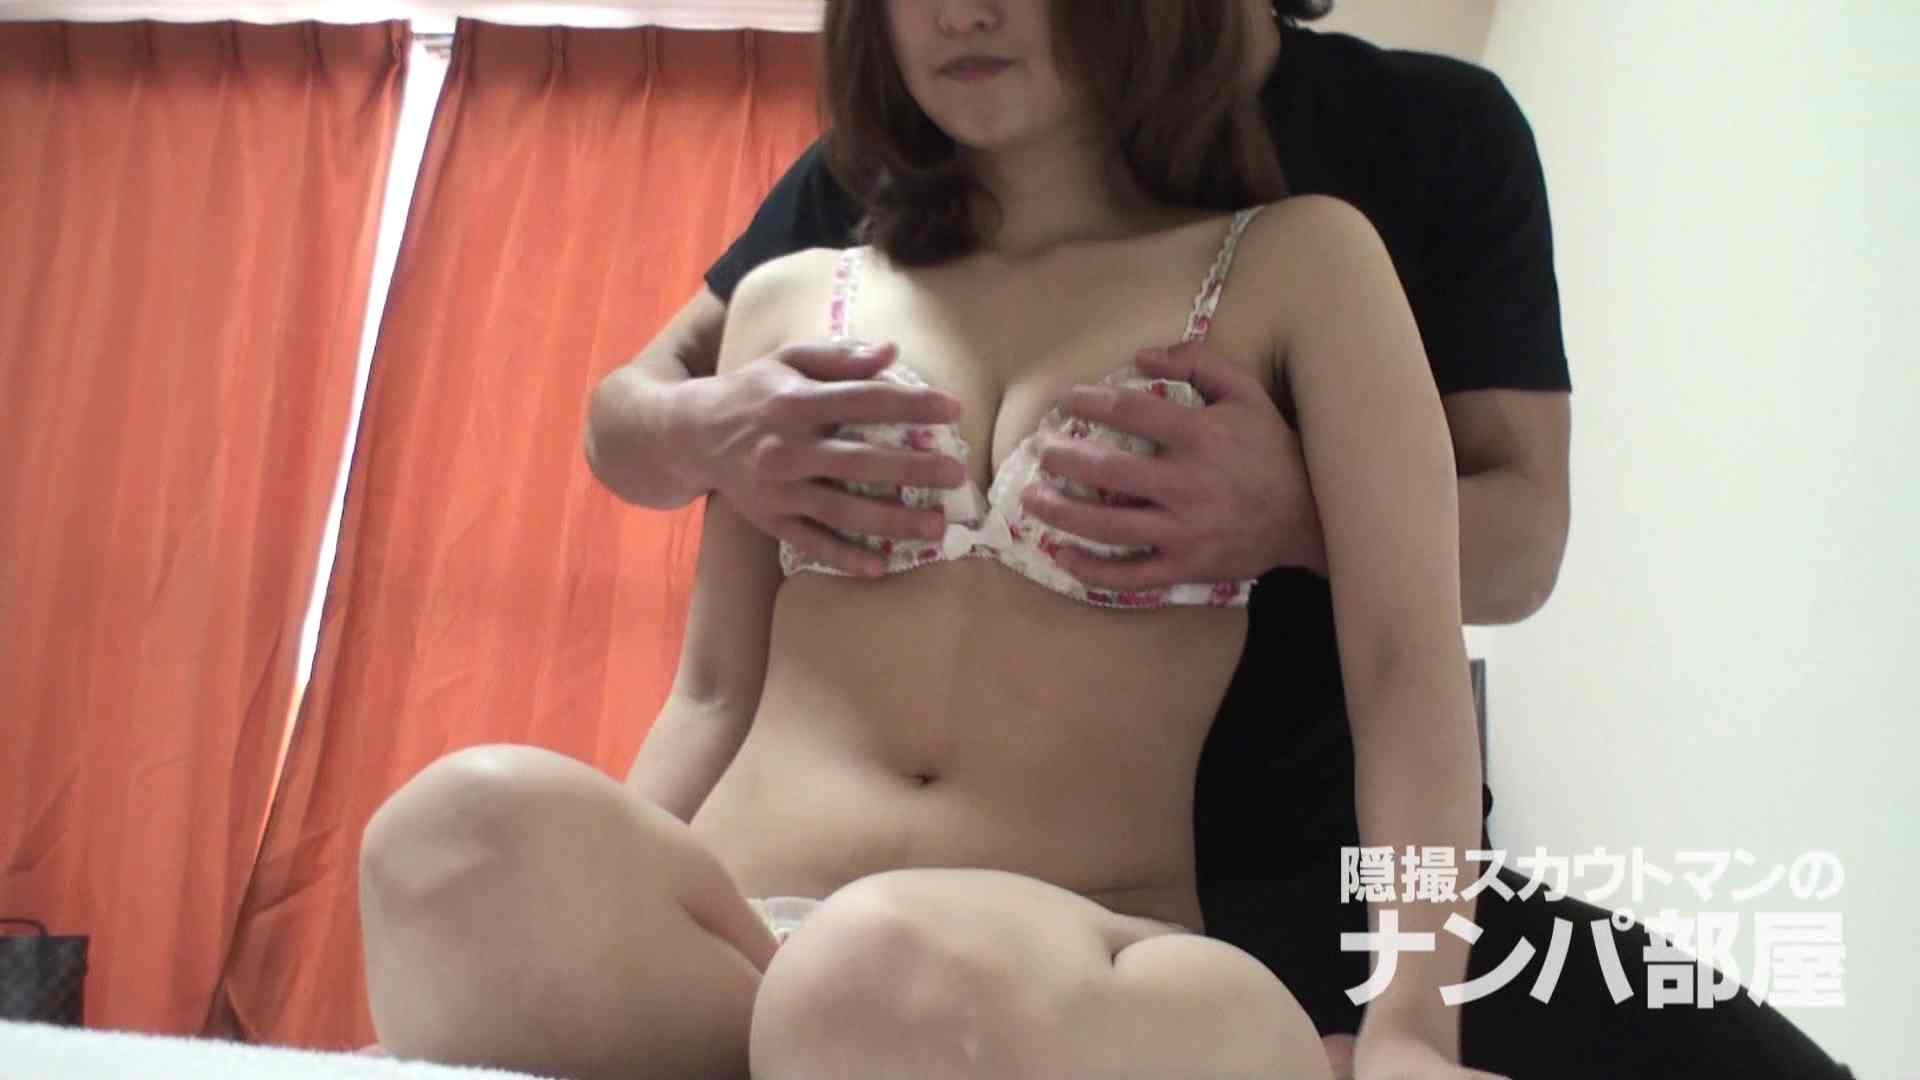 隠撮スカウトマンのナンパ部屋~風俗デビュー前のつまみ食い~ siivol.2 ナンパ AV無料 81PIX 50